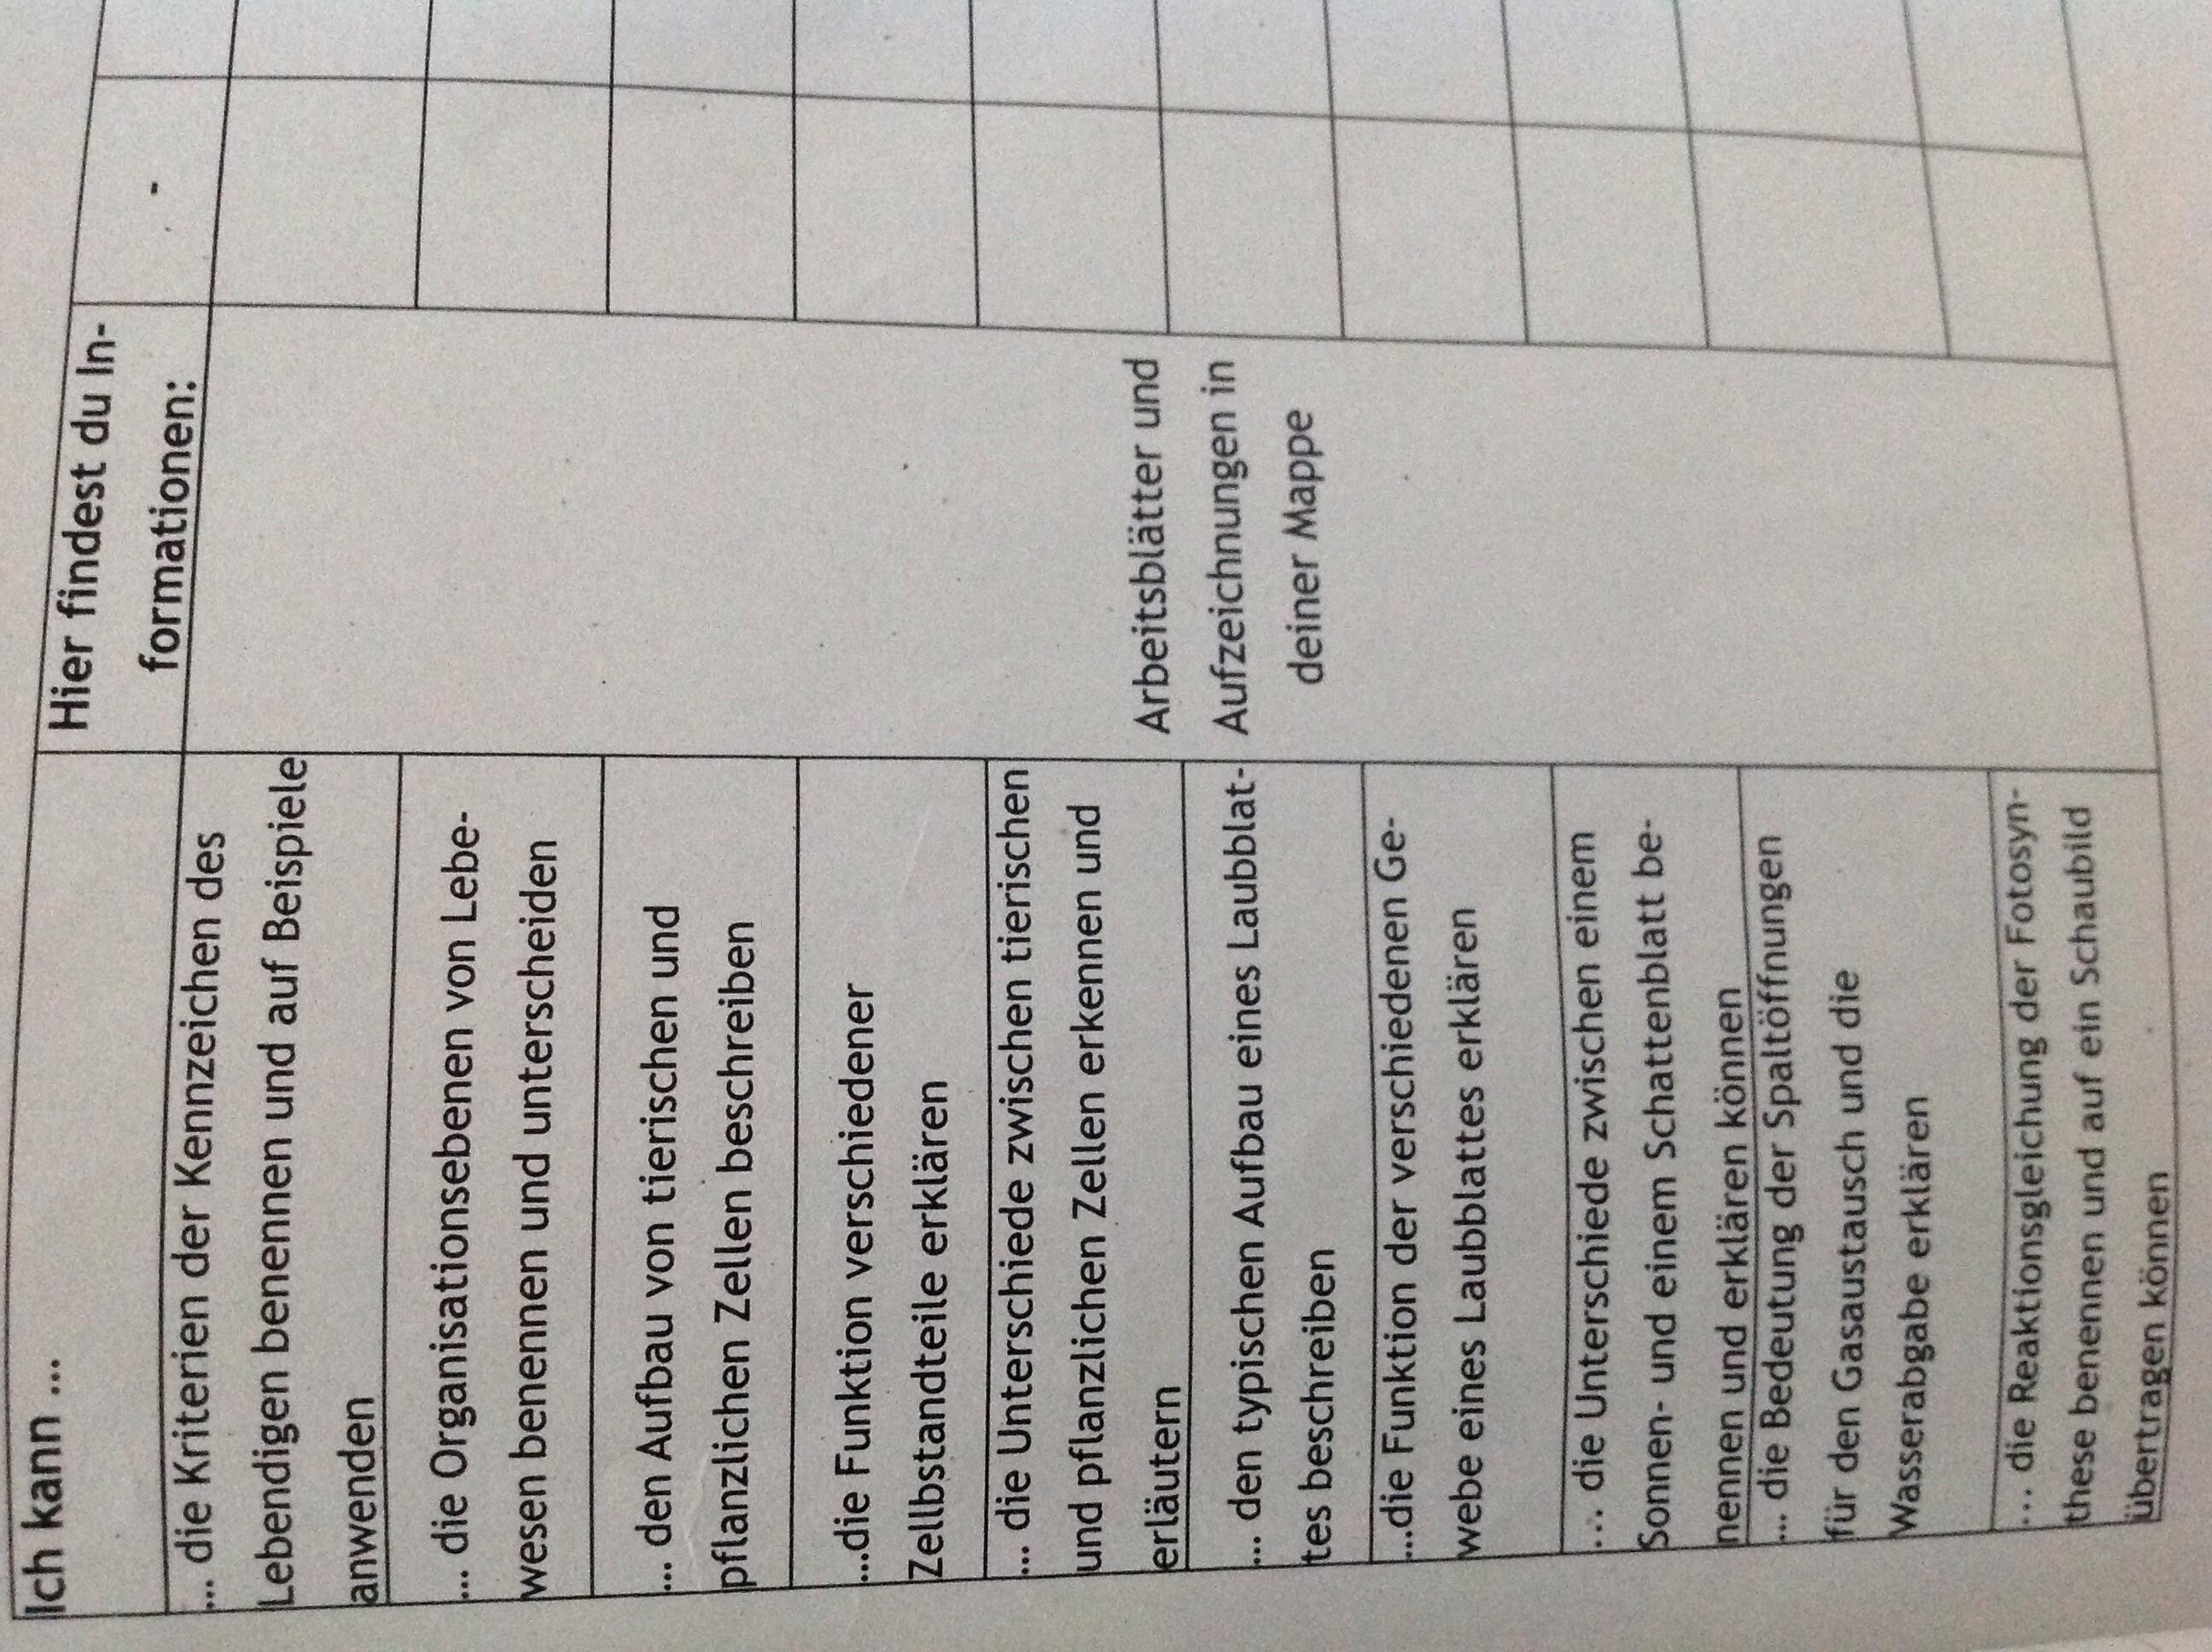 Ich muss das alles für Biologie können? (Arbeit)